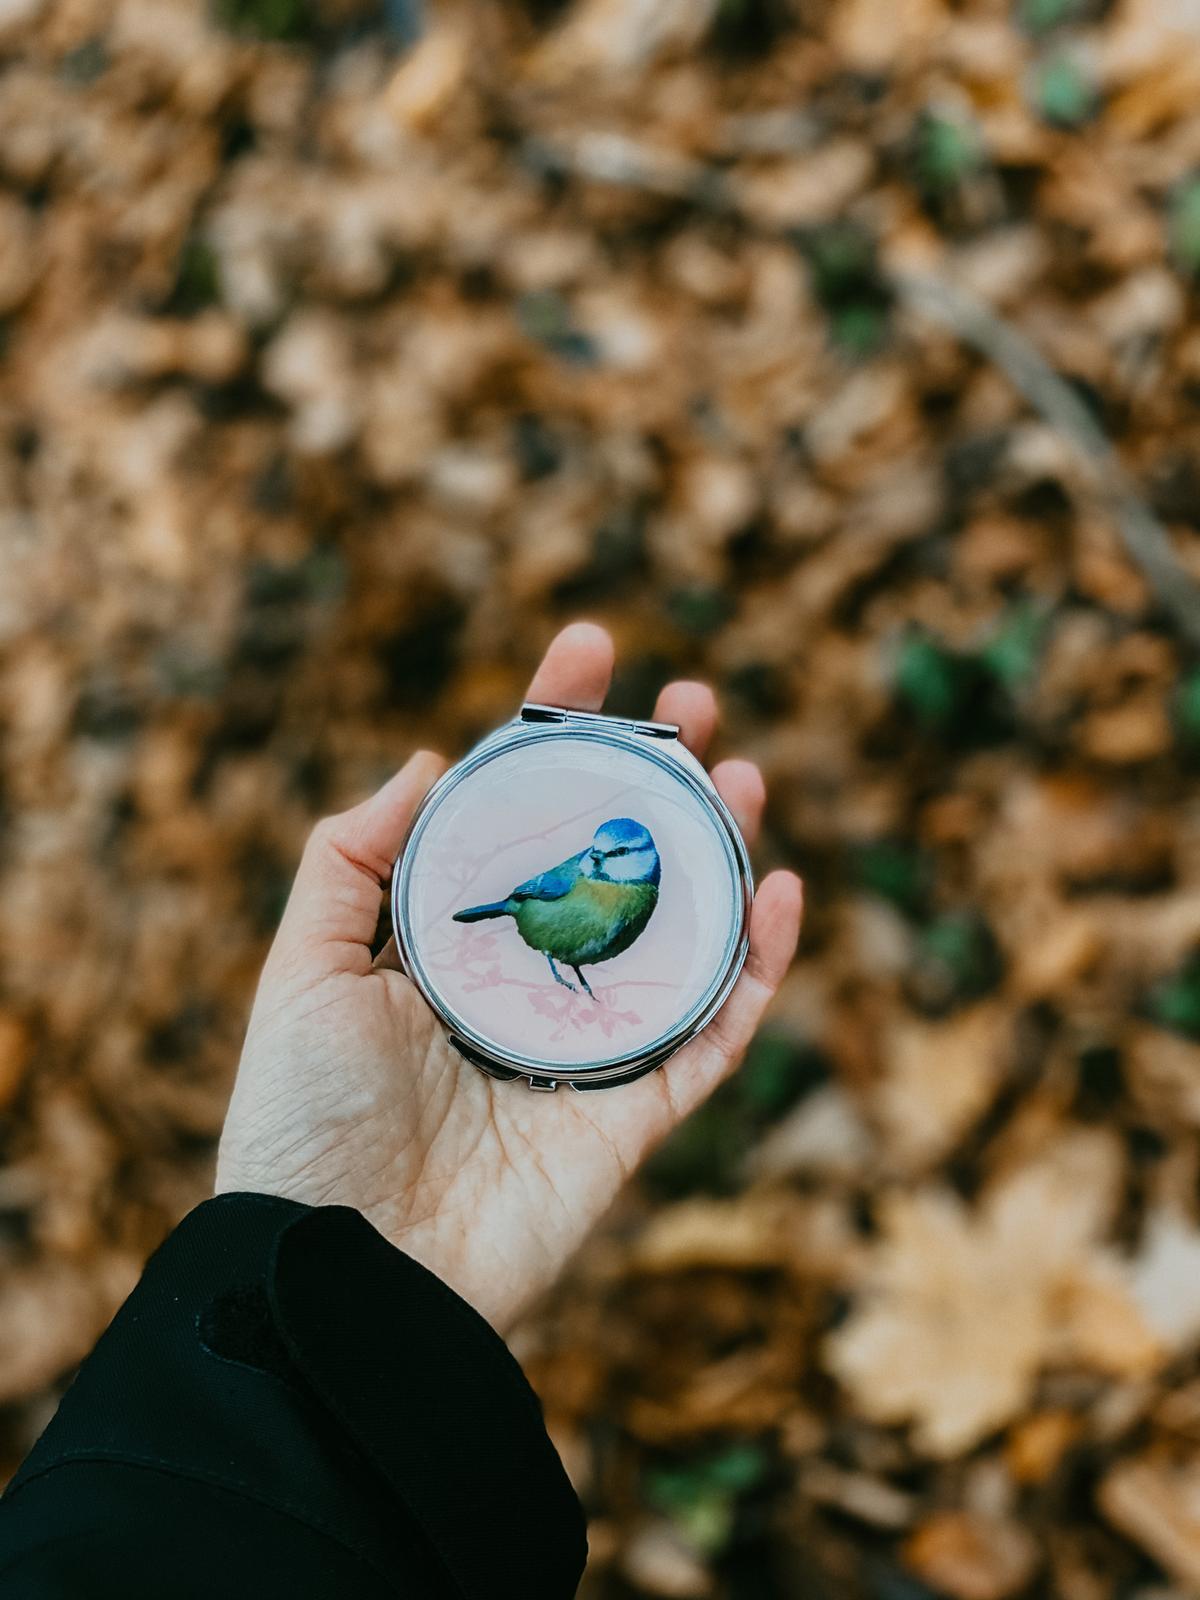 Tipy na Vánoční dárky - Tenhle dárek najdete na eshopu www.designempathy.cz, objednávky odesíláme do 1-2 dnů od zaplacení ♡